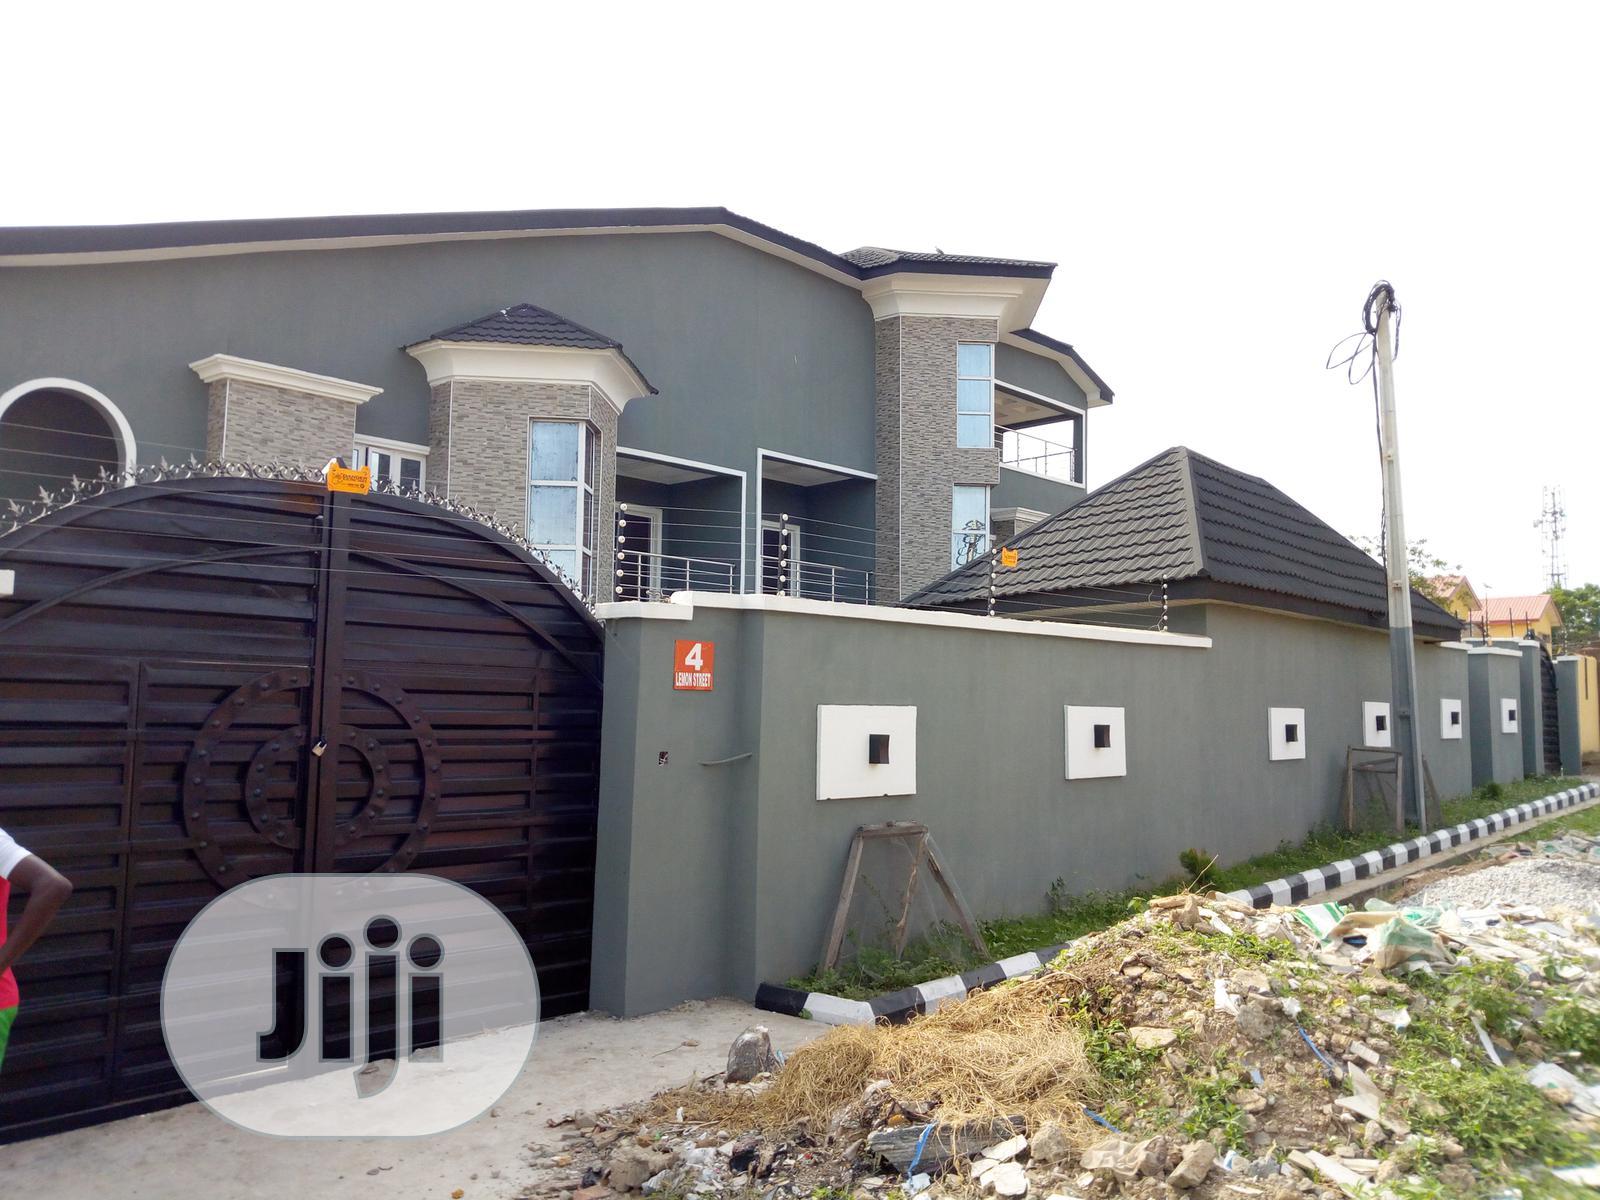 6 Bedrooms Duplex for Sale in Alalubosa, Ibadan